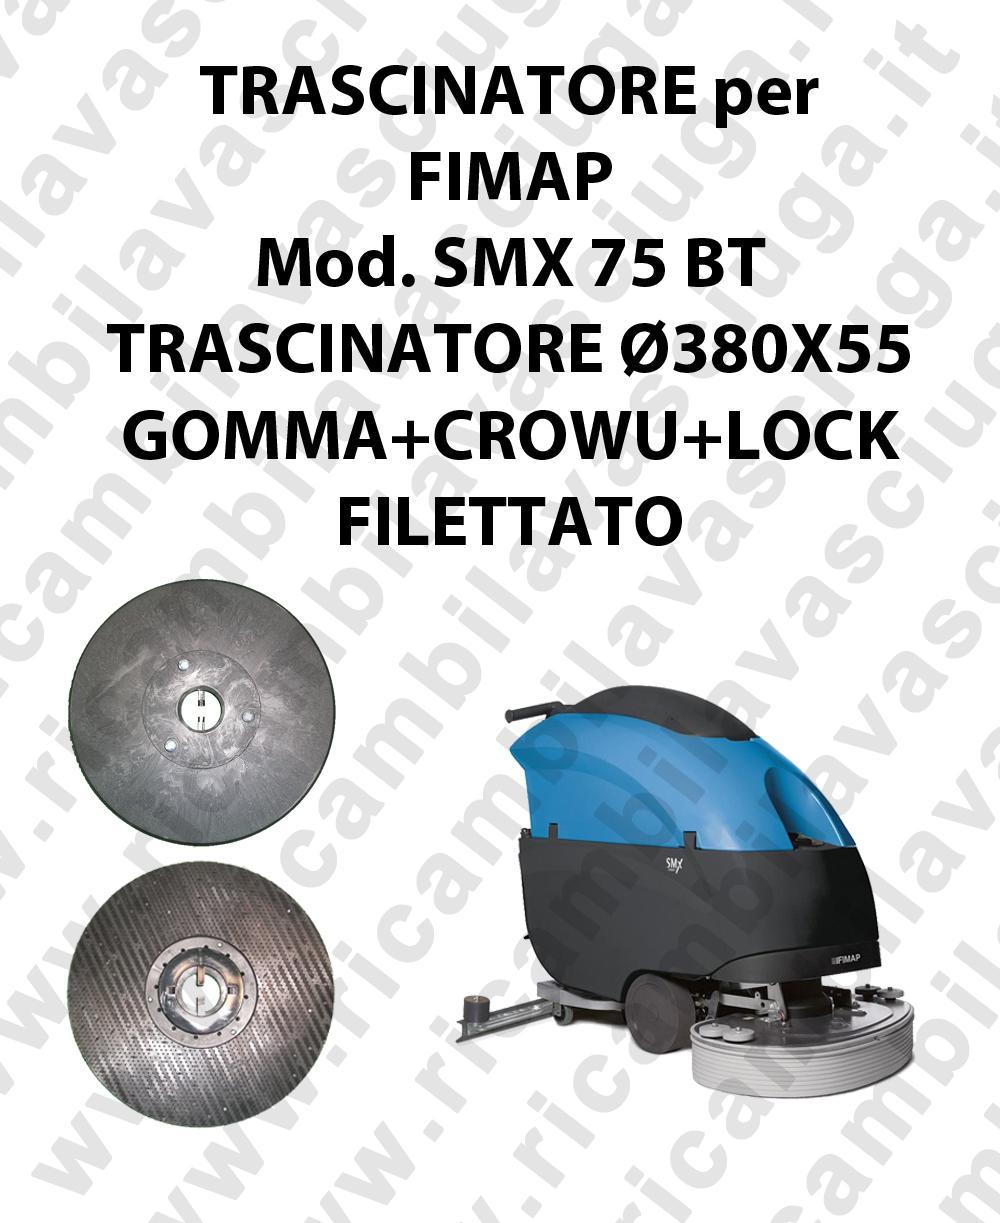 Trascinatore per lavapavimenti FIMAP modello SMX 75